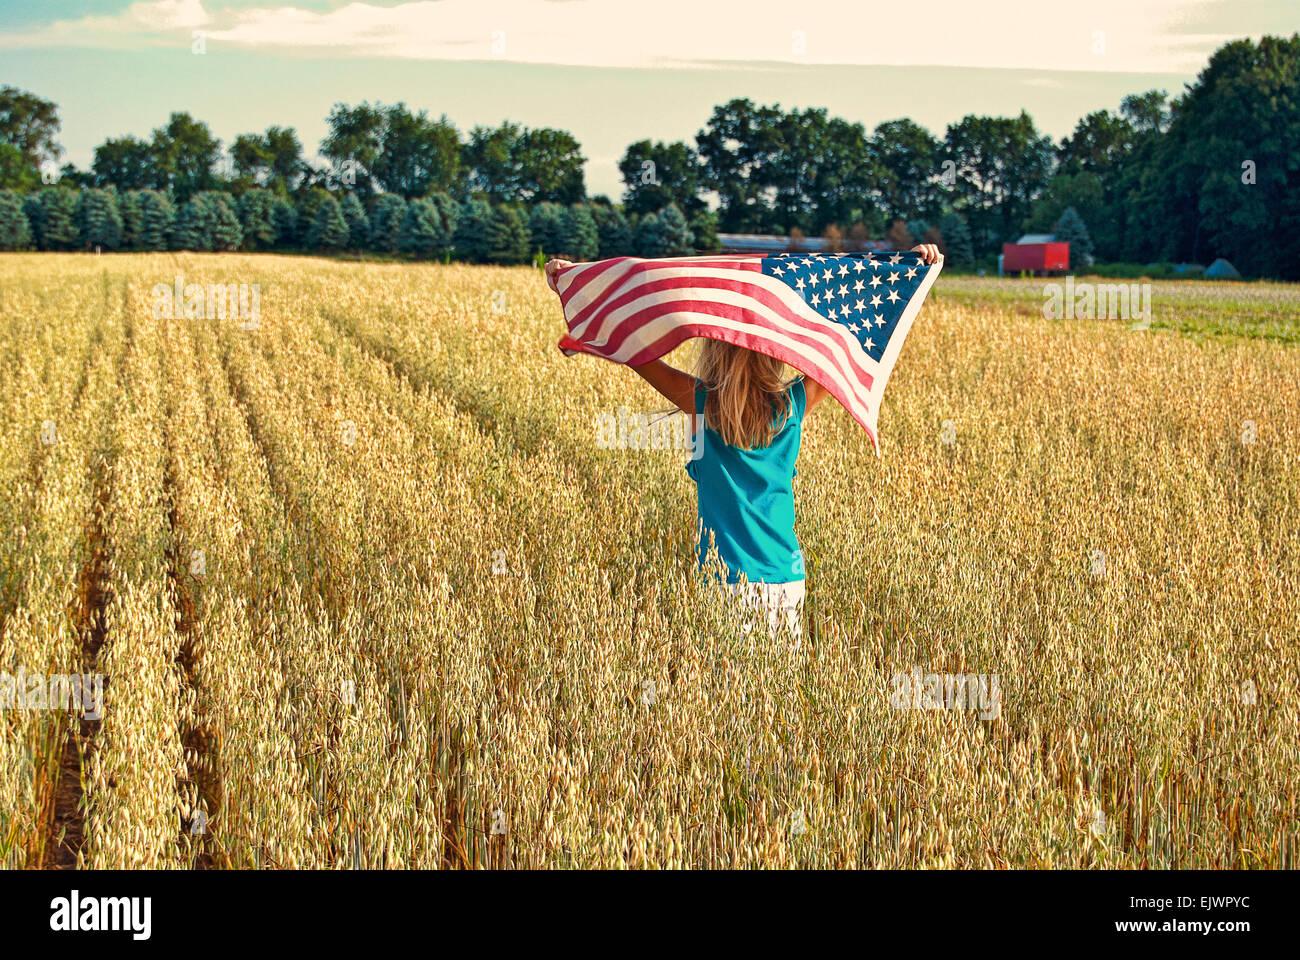 Jeune fille courir dans un champ de blé avec le drapeau américain. Photo Stock